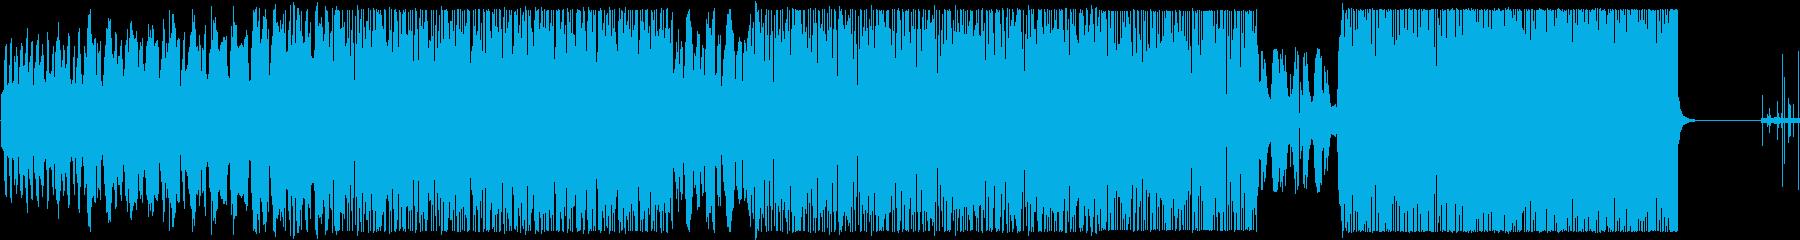 神秘的・幻想的・涼しい雰囲気の電子音楽の再生済みの波形